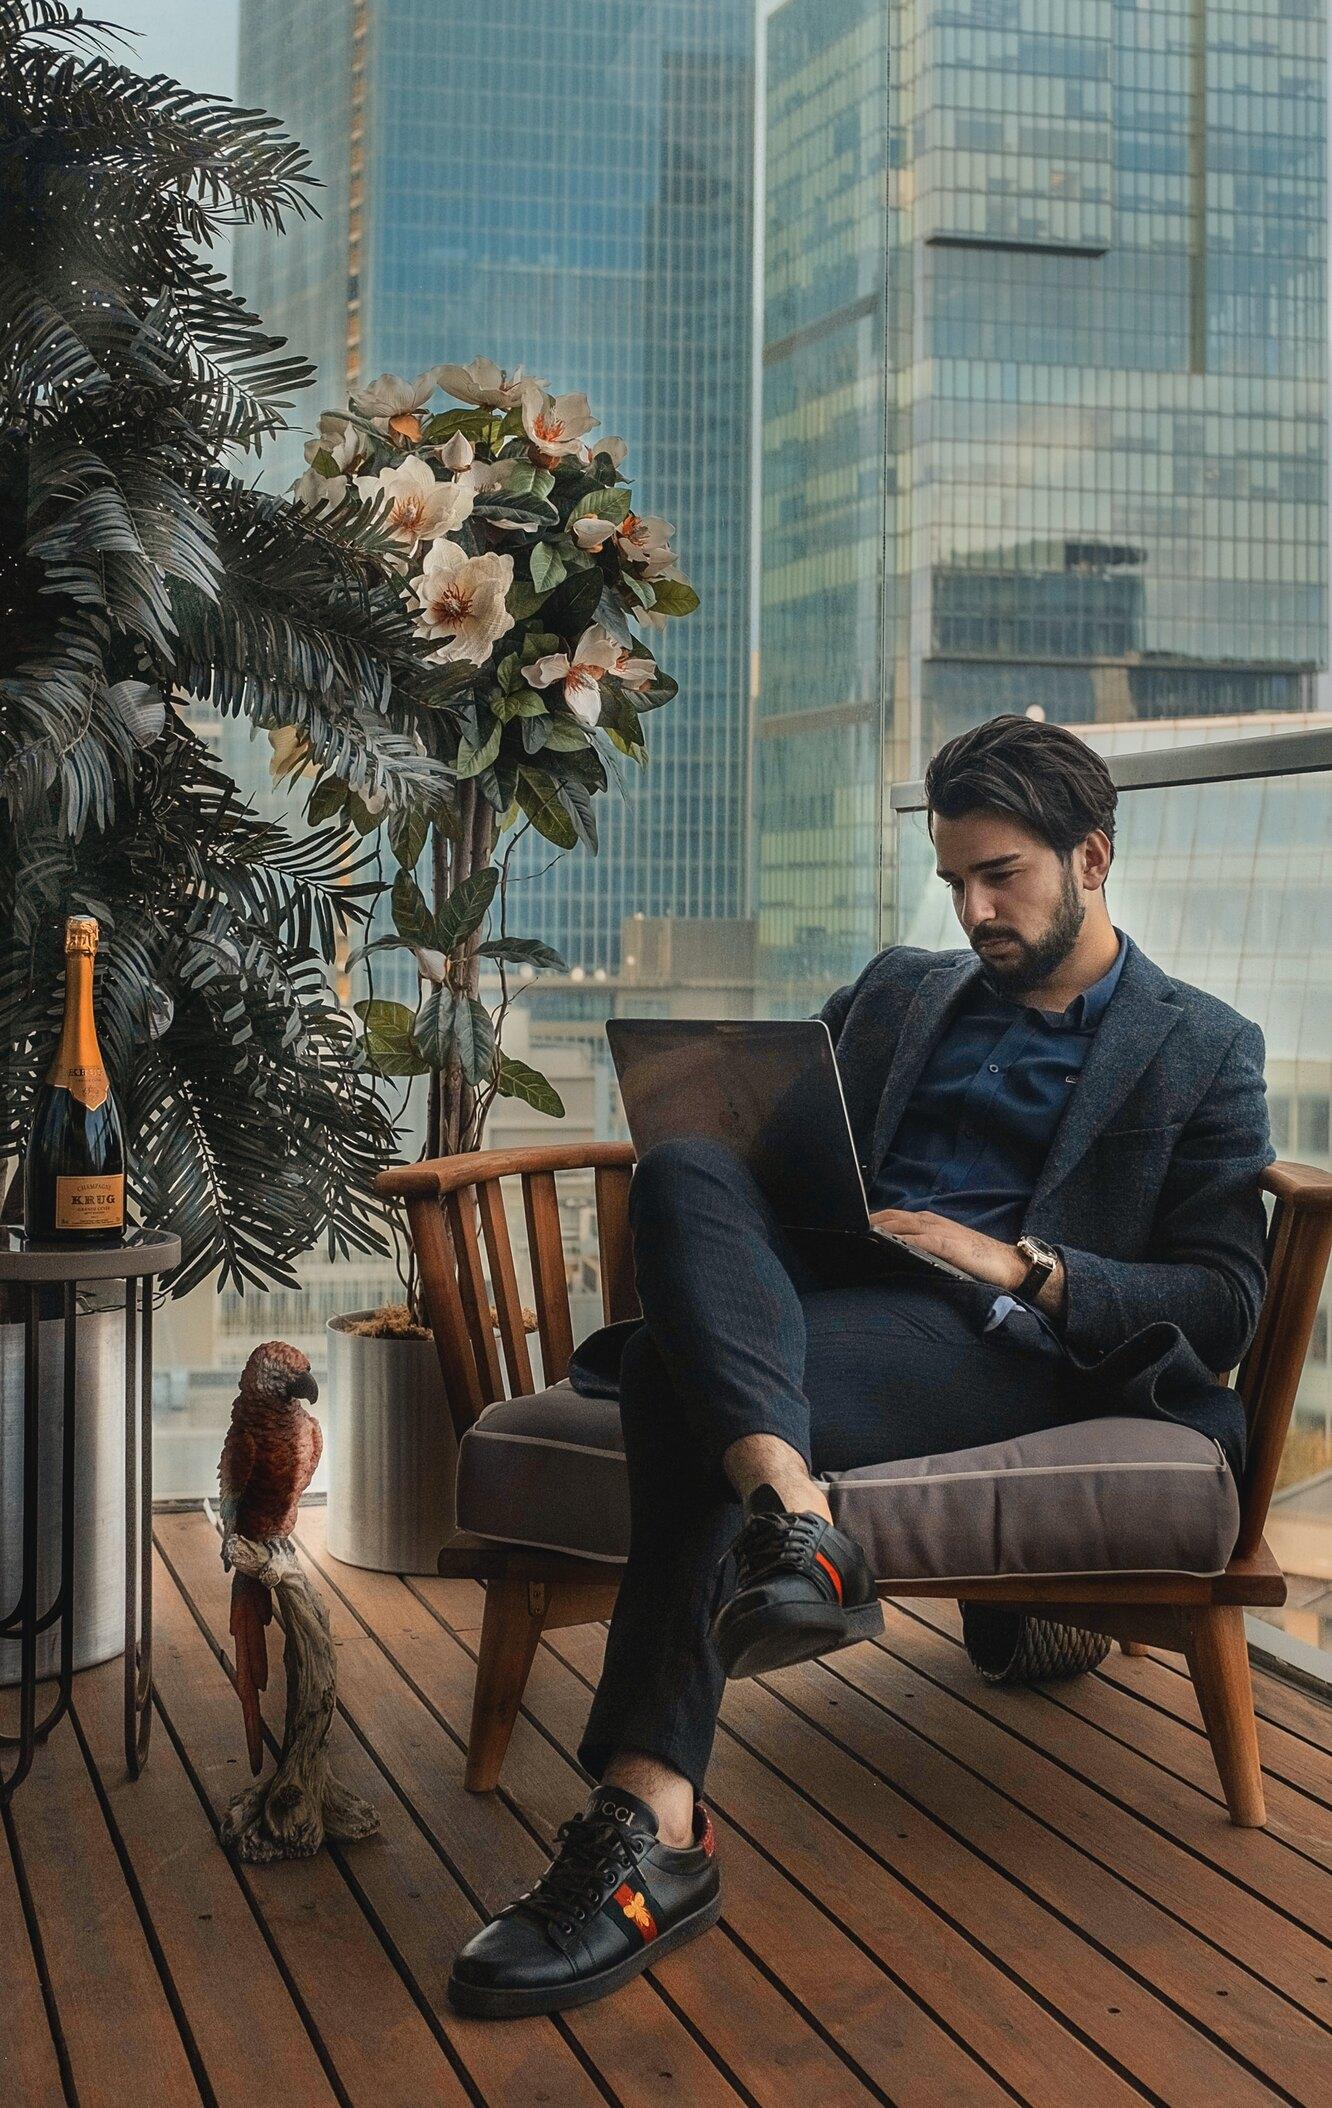 роскошная жизнь, бизнесмен, попугай, небоскреб